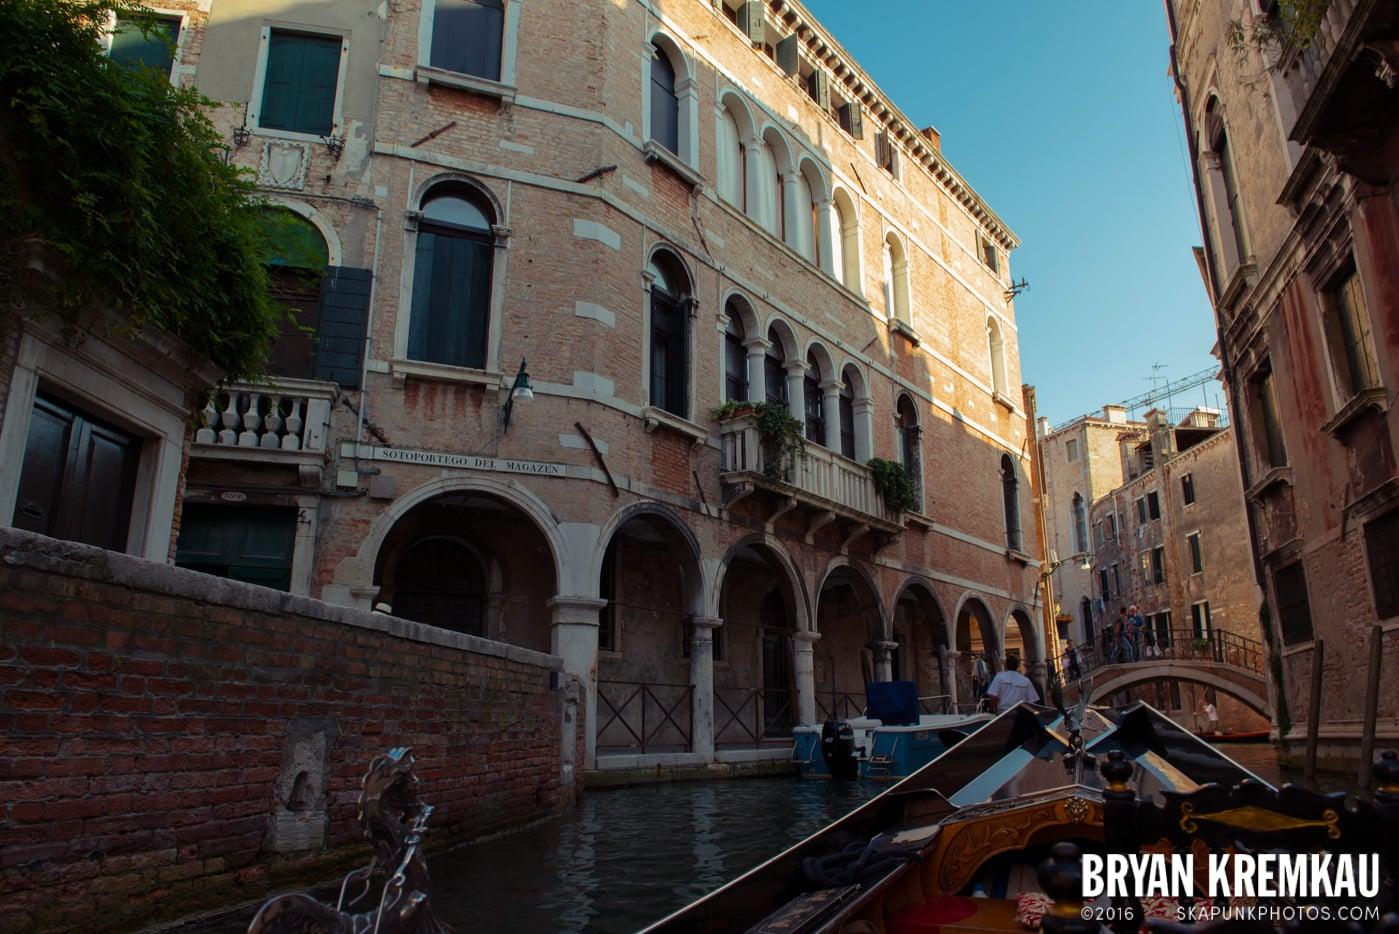 Italy Vacation - Day 5: Venice - 9.13.13 (17)